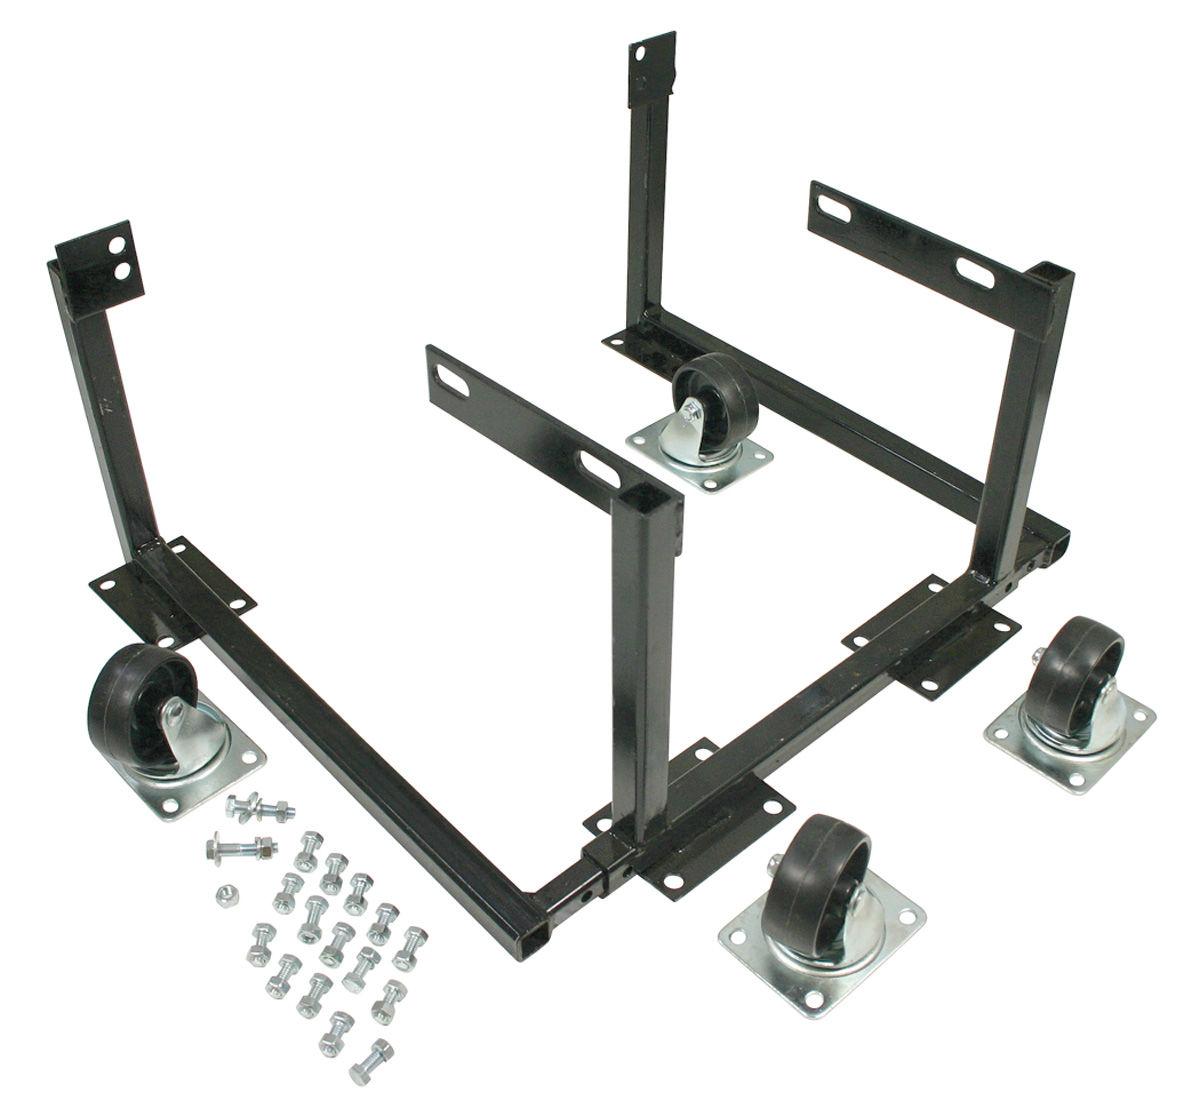 Tool, Pontiac V8 Engine Cradle w/Casters